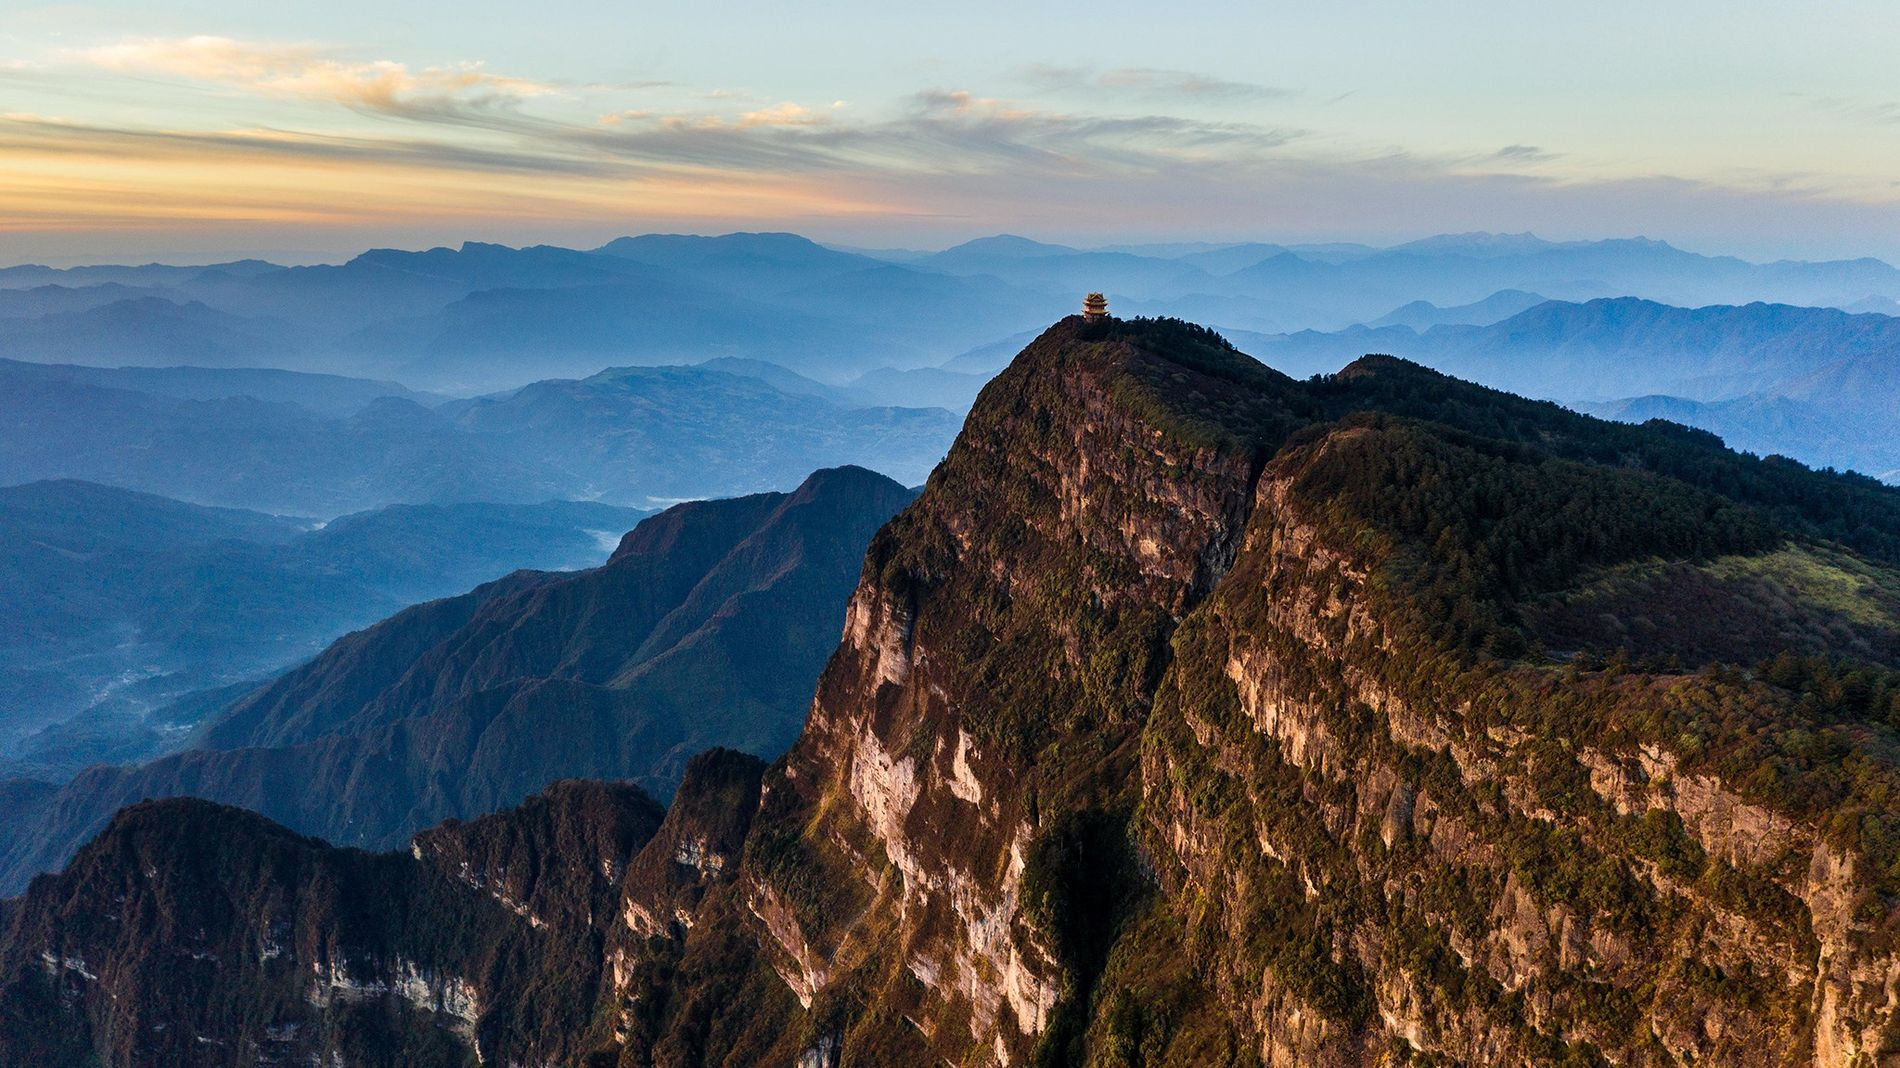 Un temple trône au sommet du mont Emei dans la province du Sichuan en Chine. Dans ...